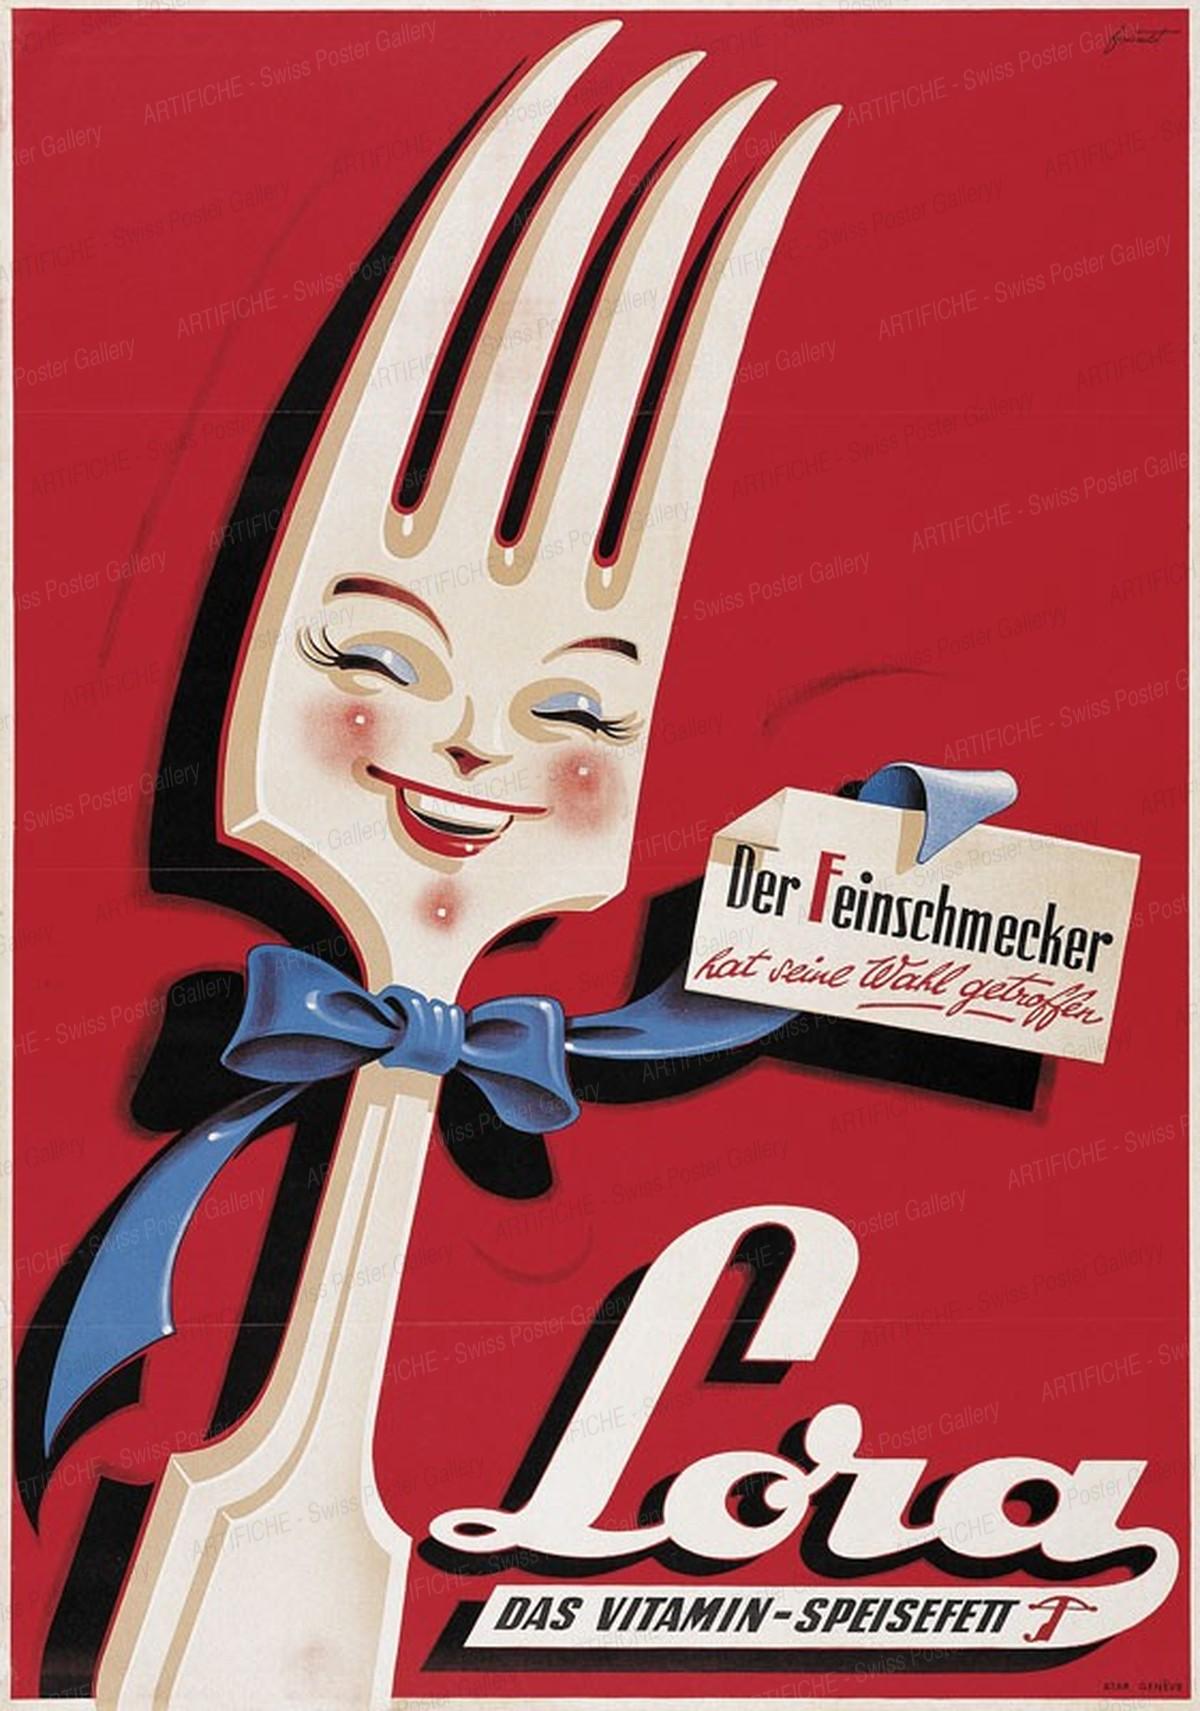 Lora edible fat, Noël Fontanet